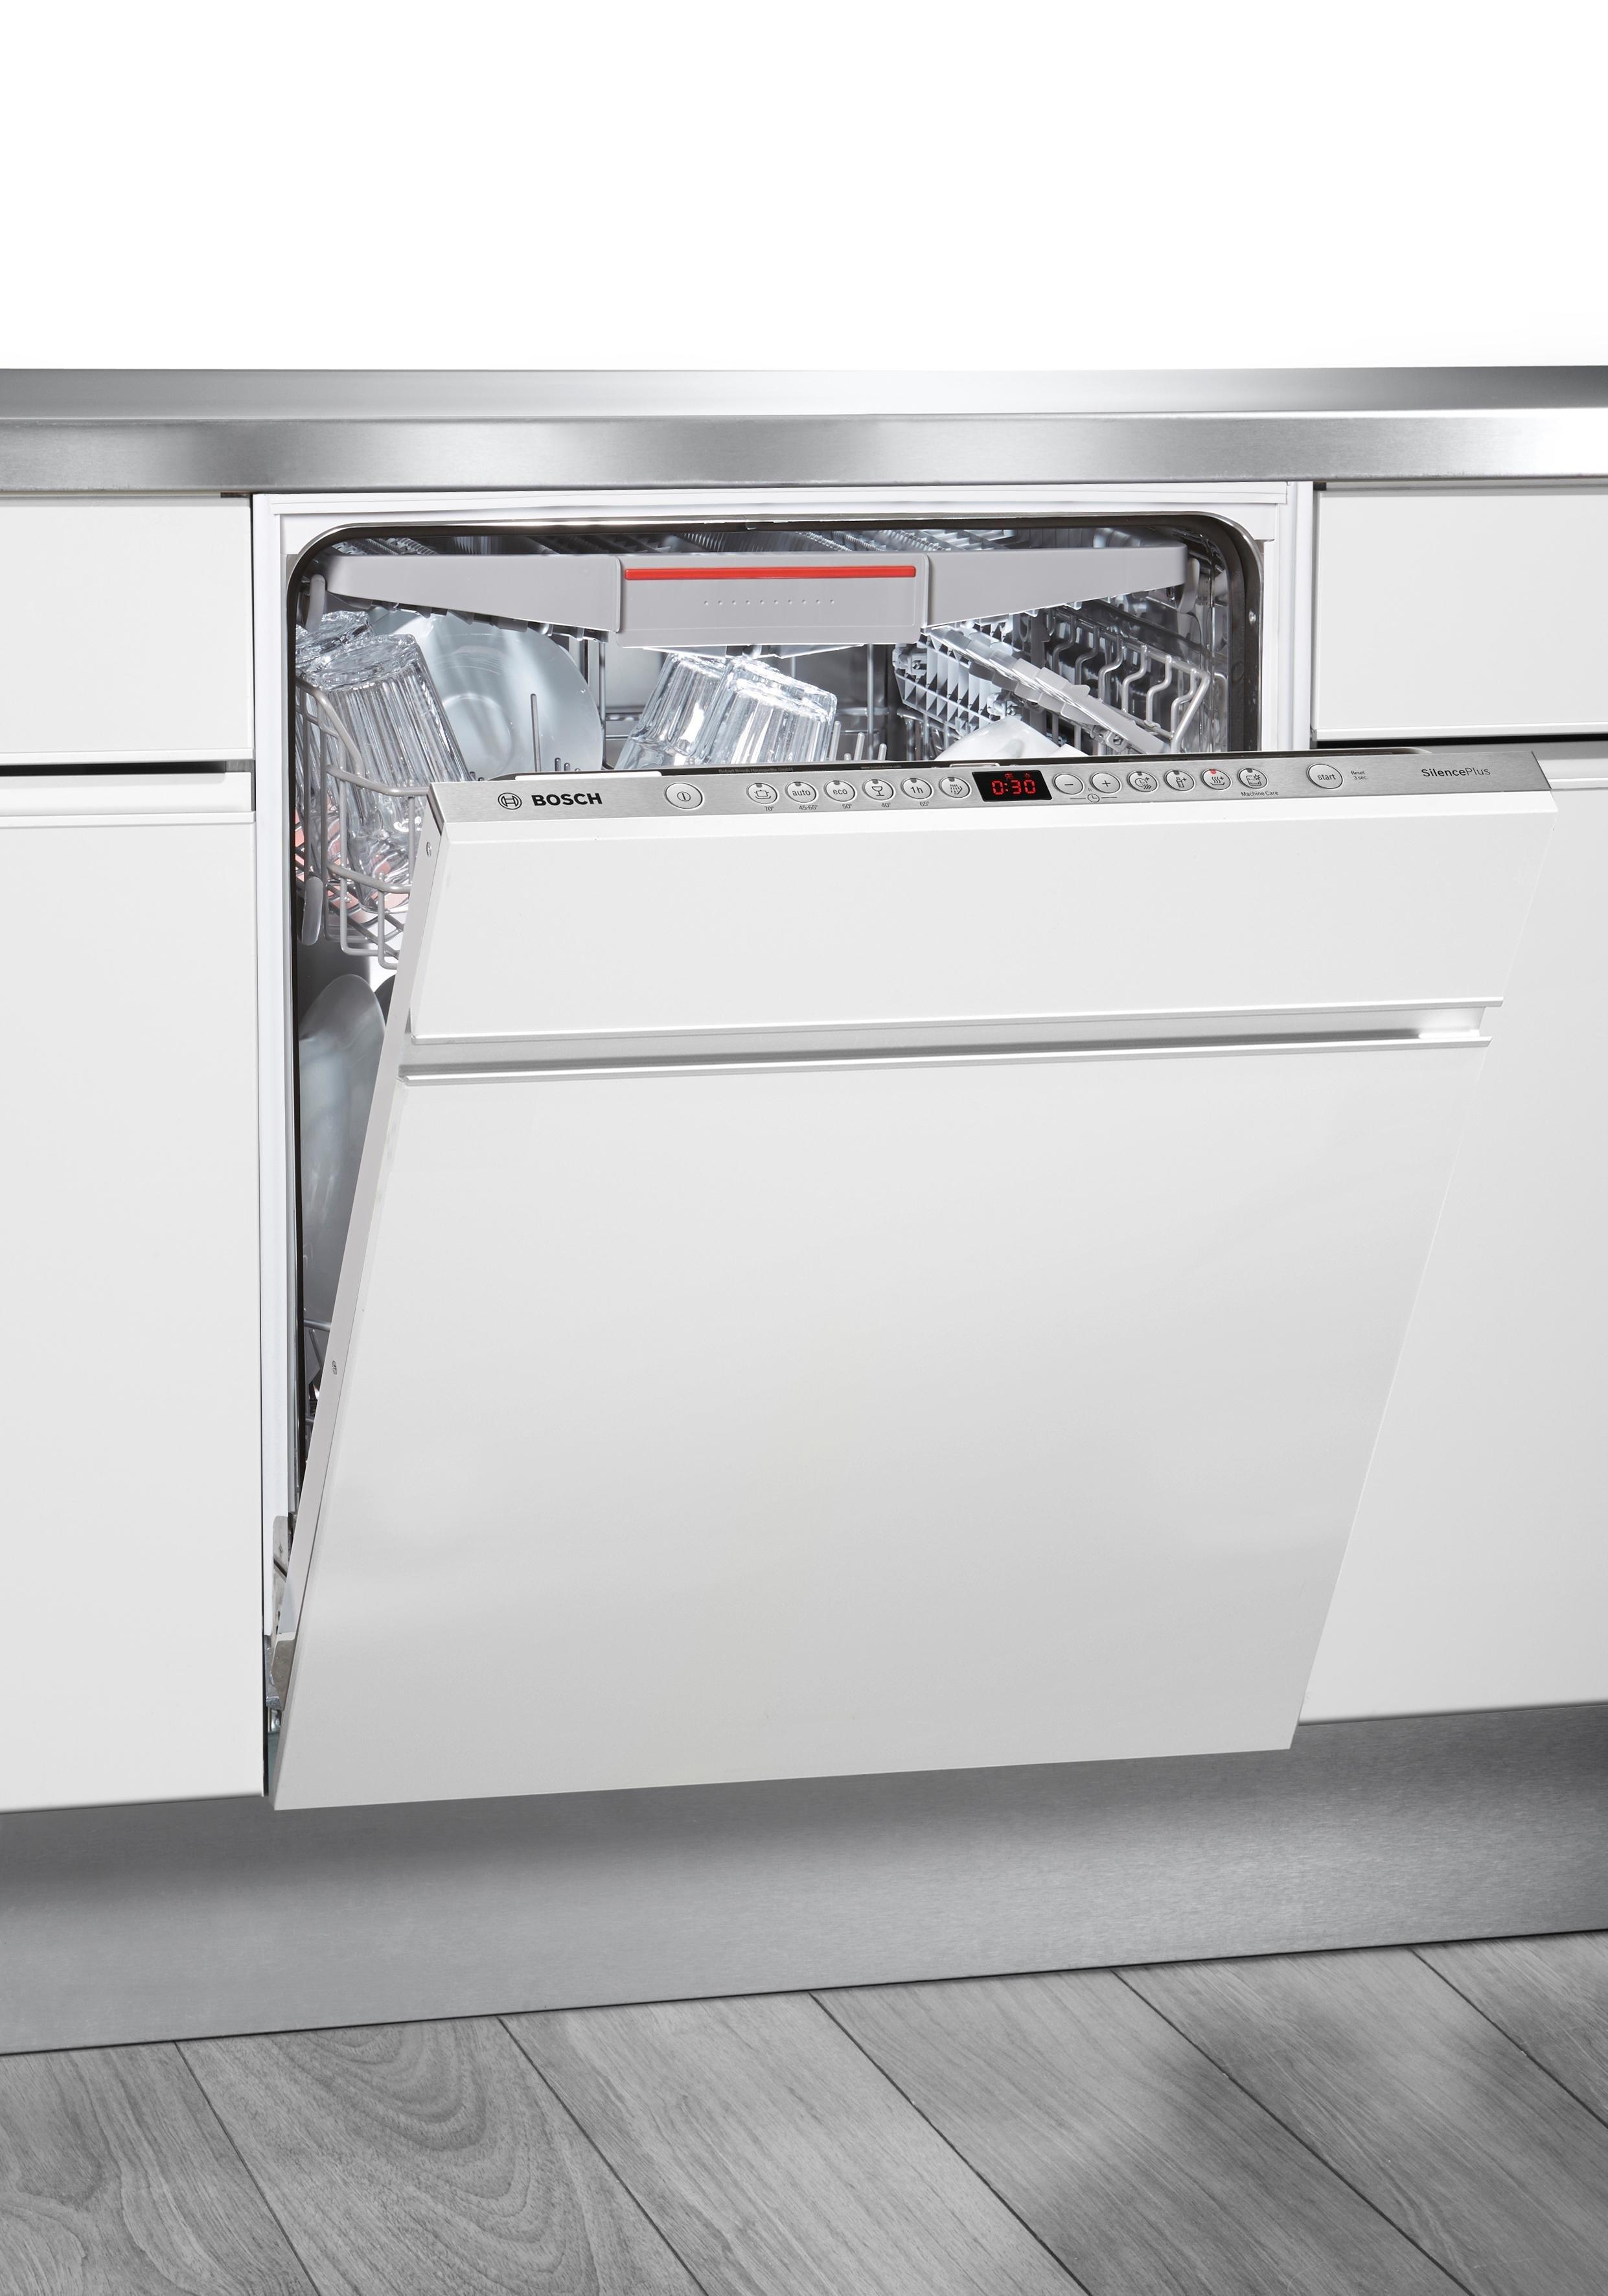 Bosch inbouwvaatwasser SMV46MX03E voordelig en veilig online kopen